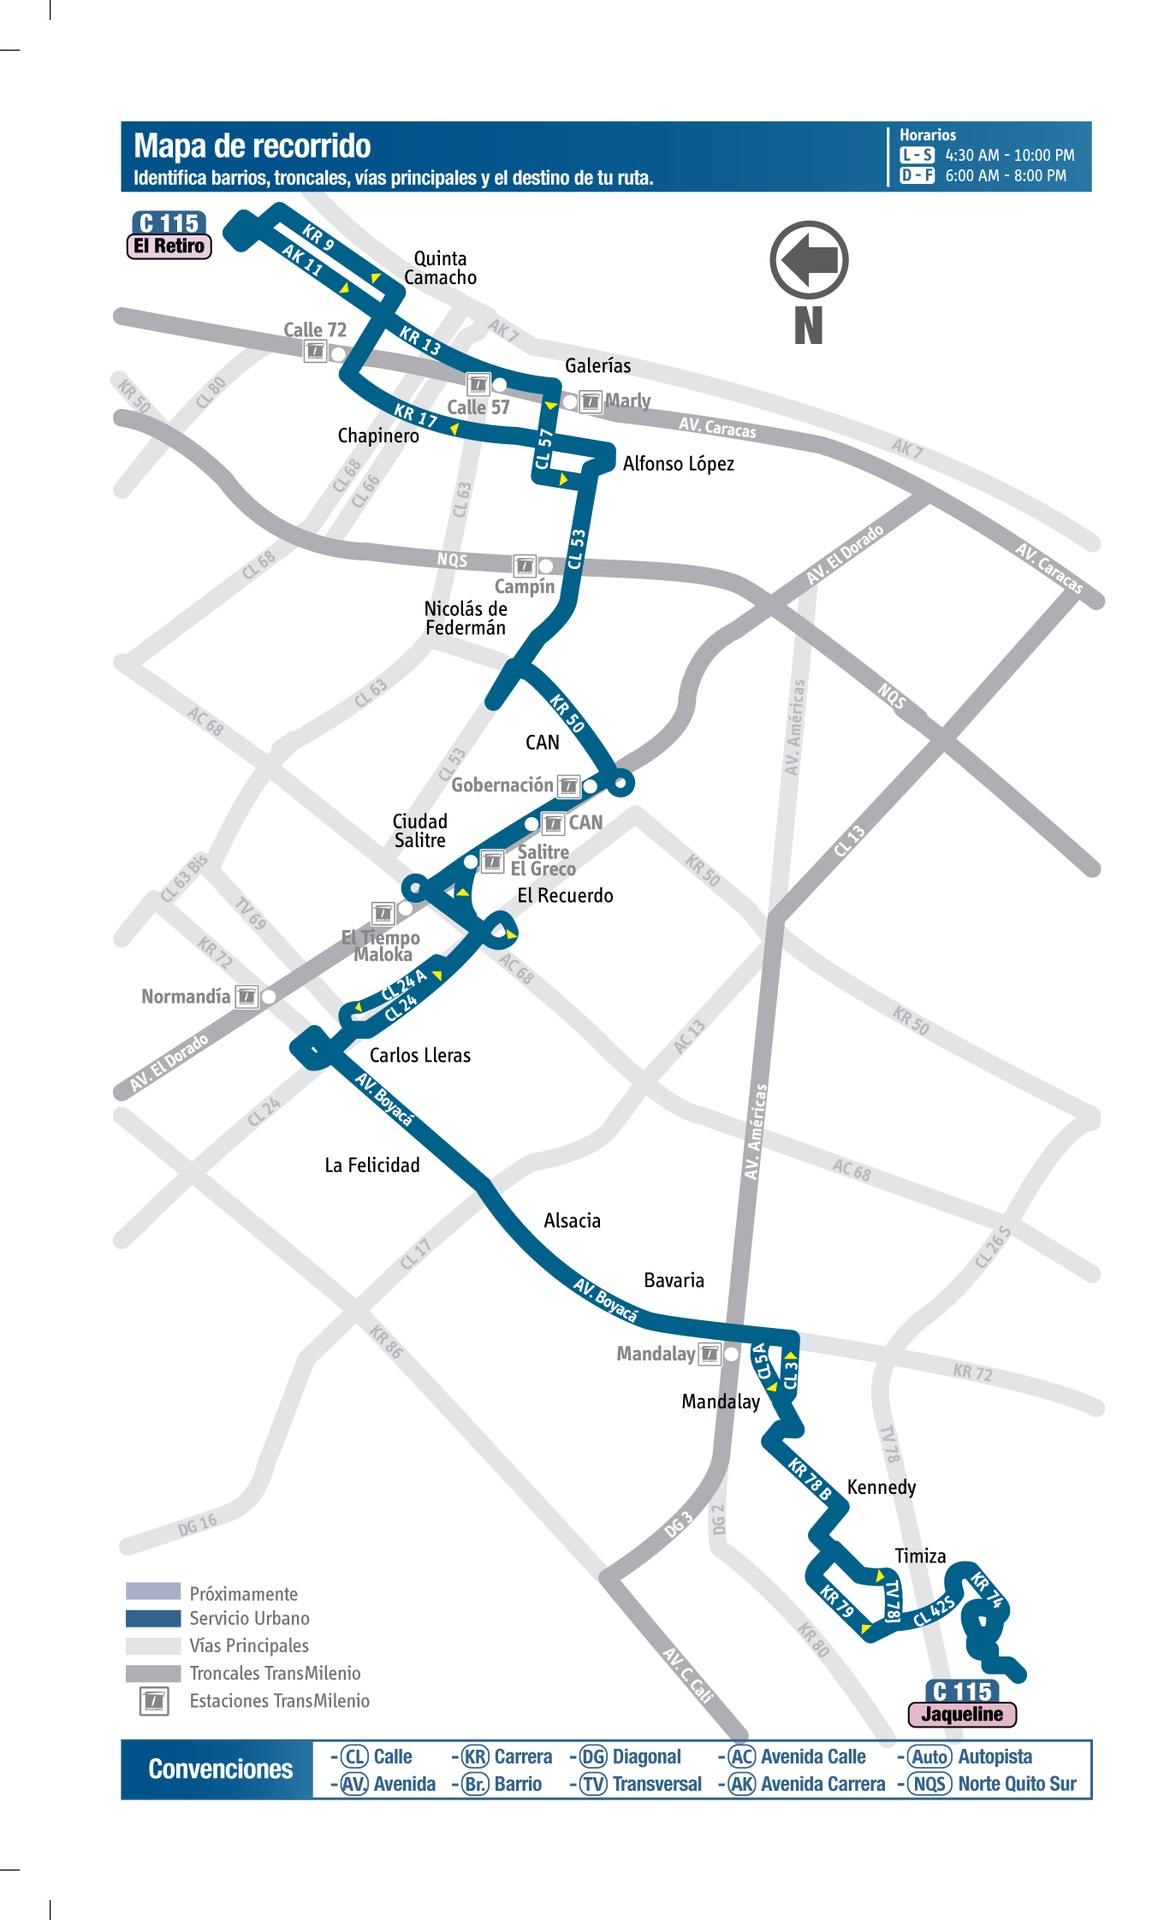 Ruta SITP: C115 Jaqueline ↔ El Retiro [Urbana] 2